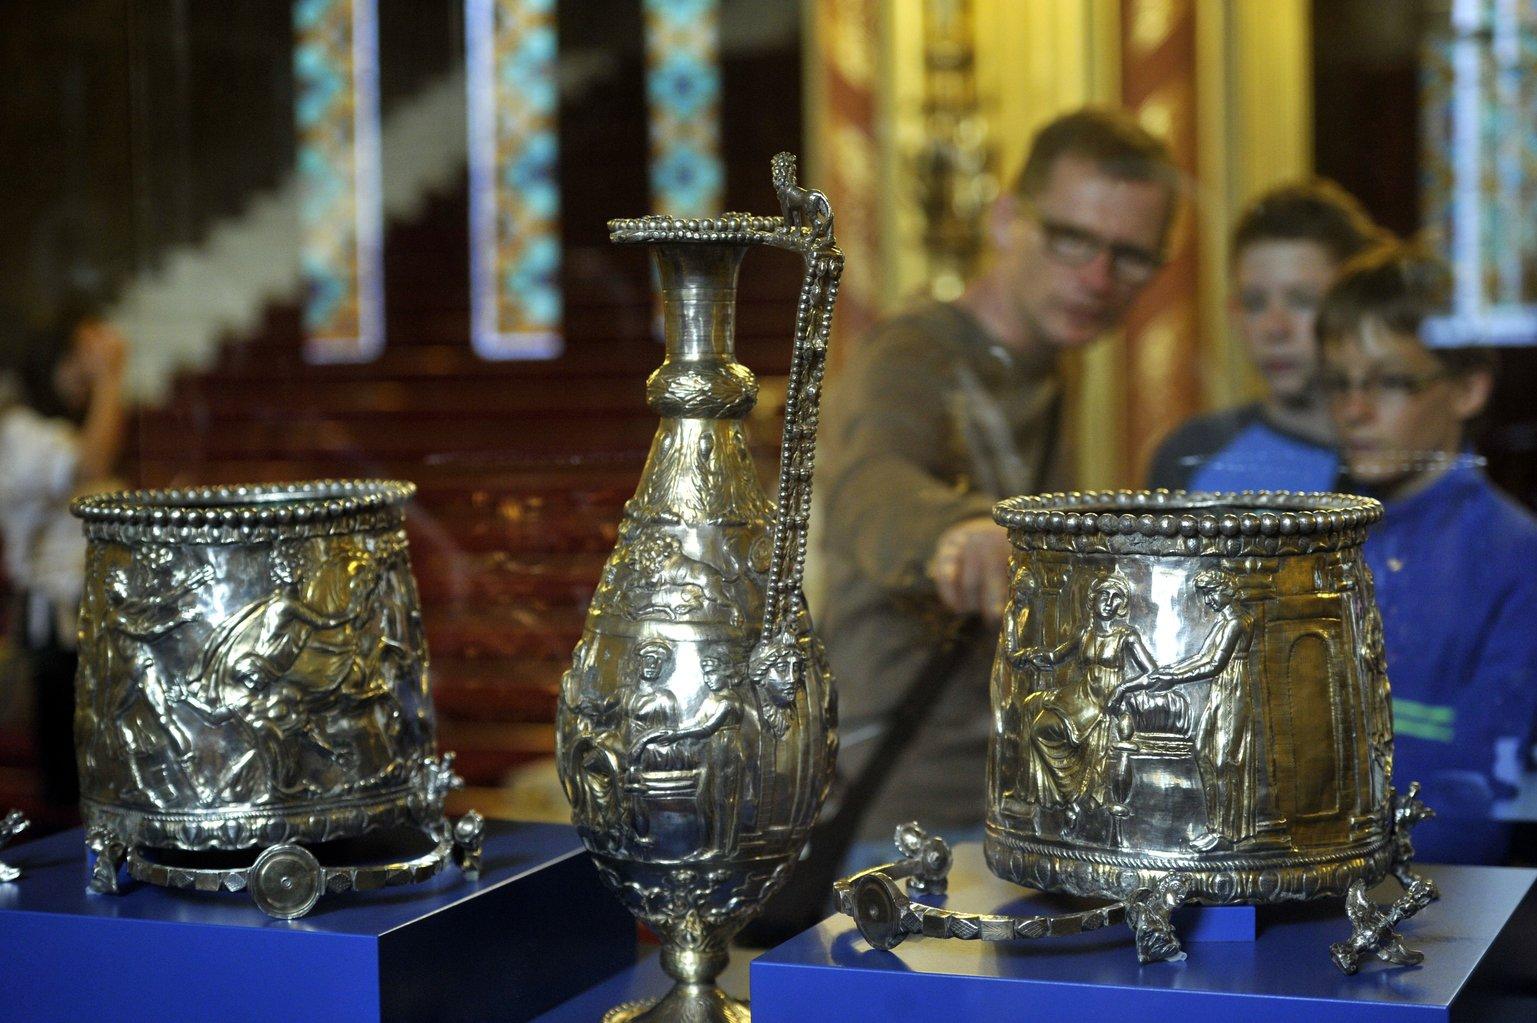 Látogatói rekord dőlt meg: a Seuso kincsek kiállításán Kaposváron